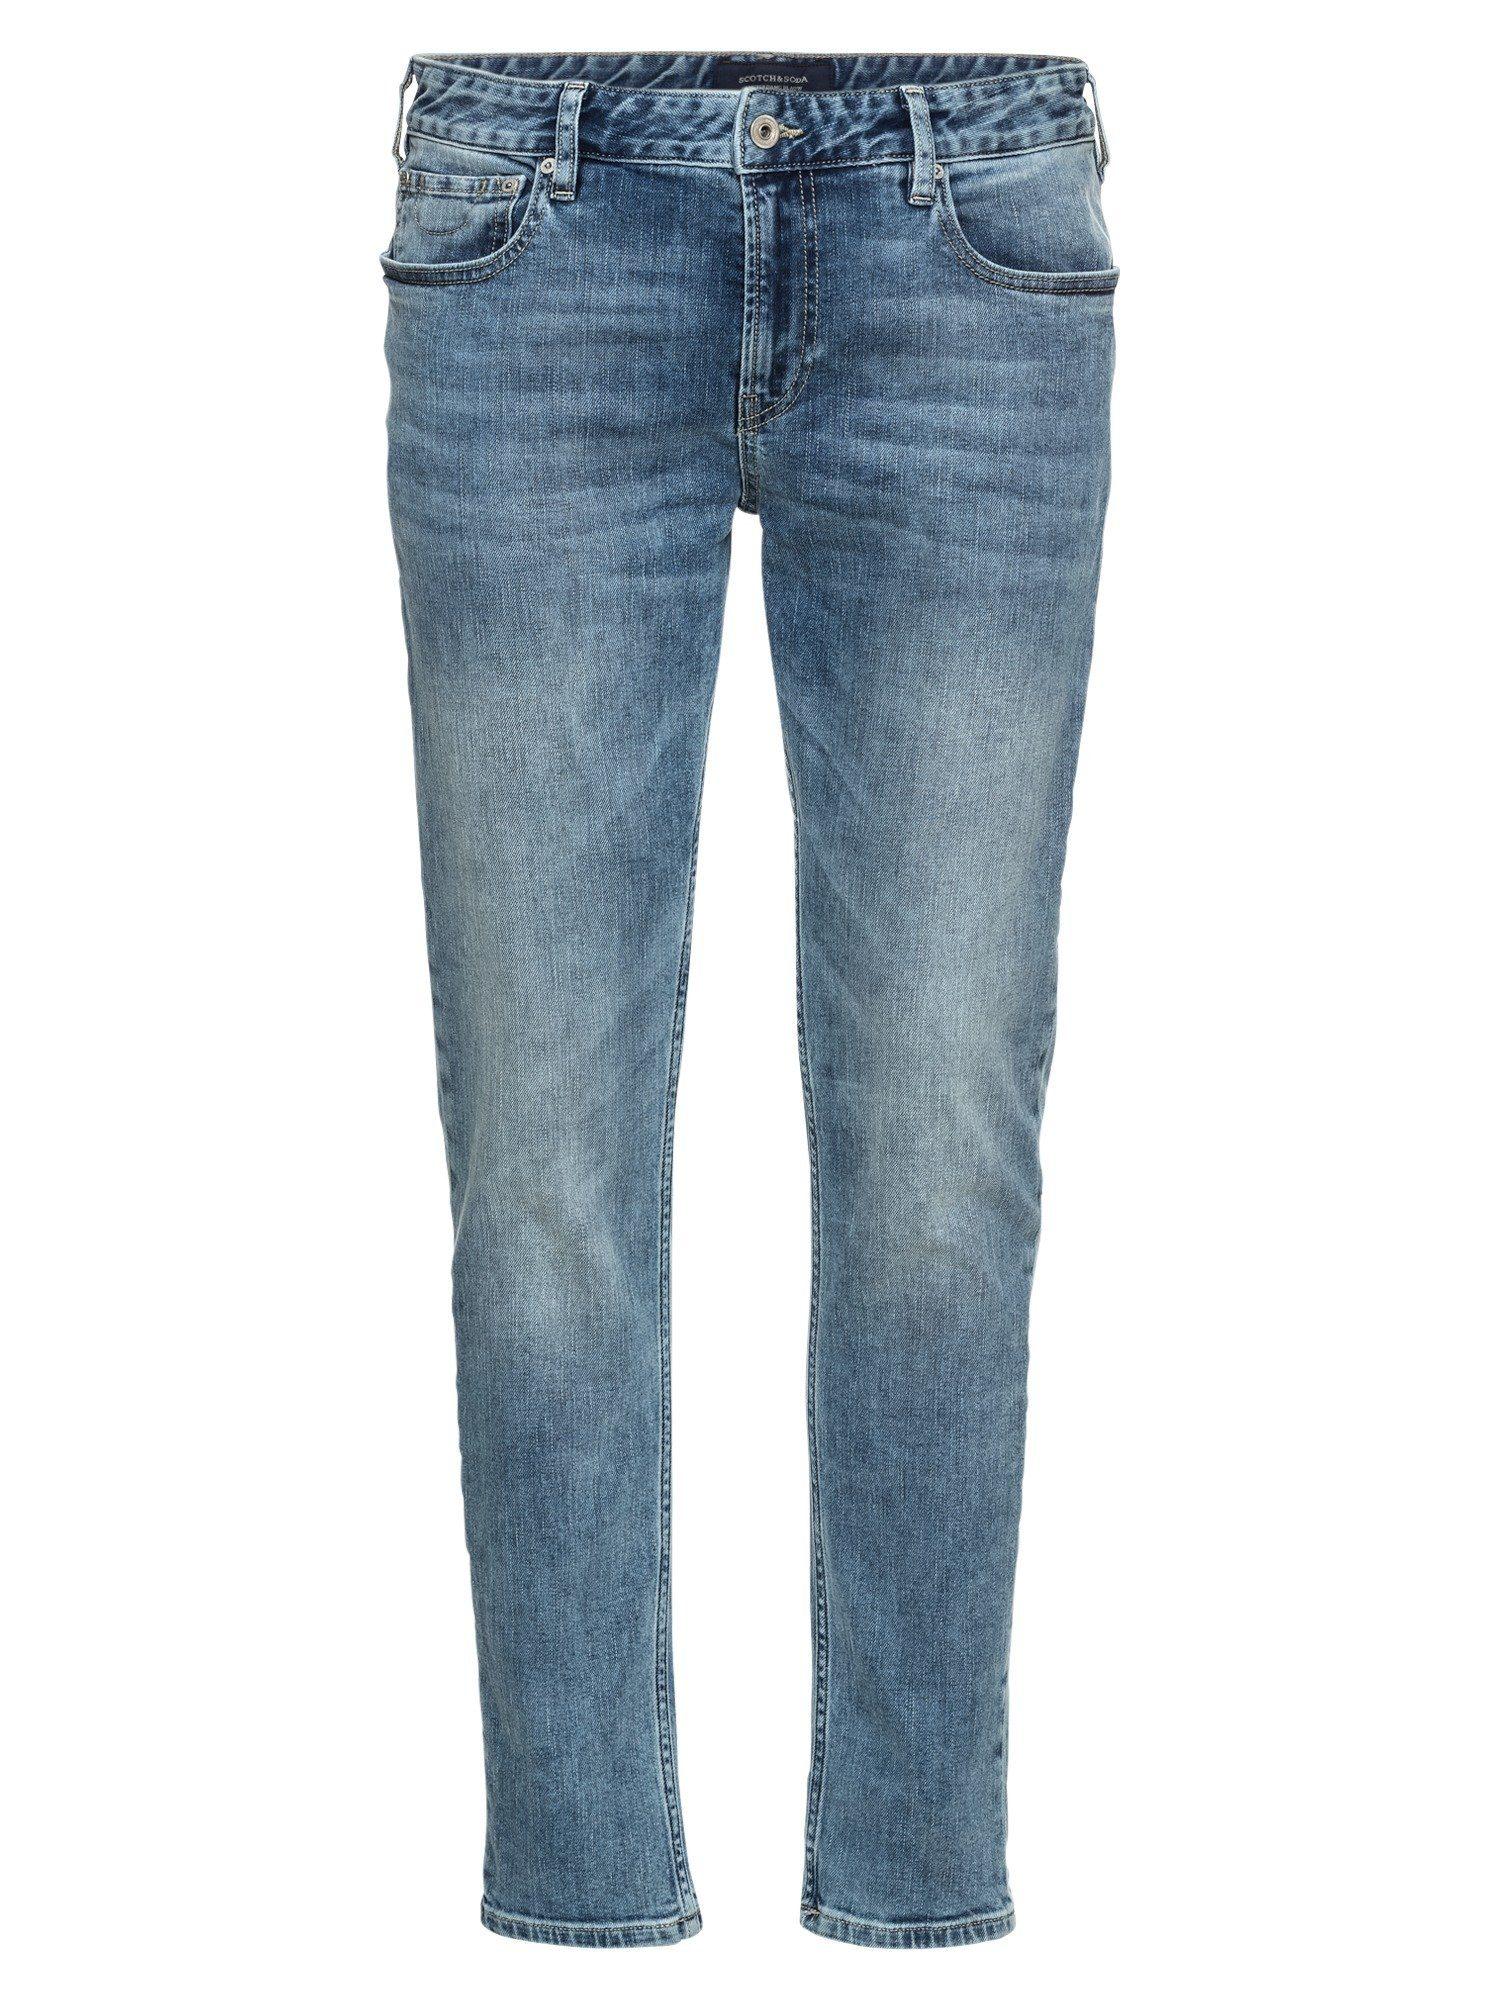 Scotch & Soda Skinny-fit-Jeans »Skim - Blauw Wonder«